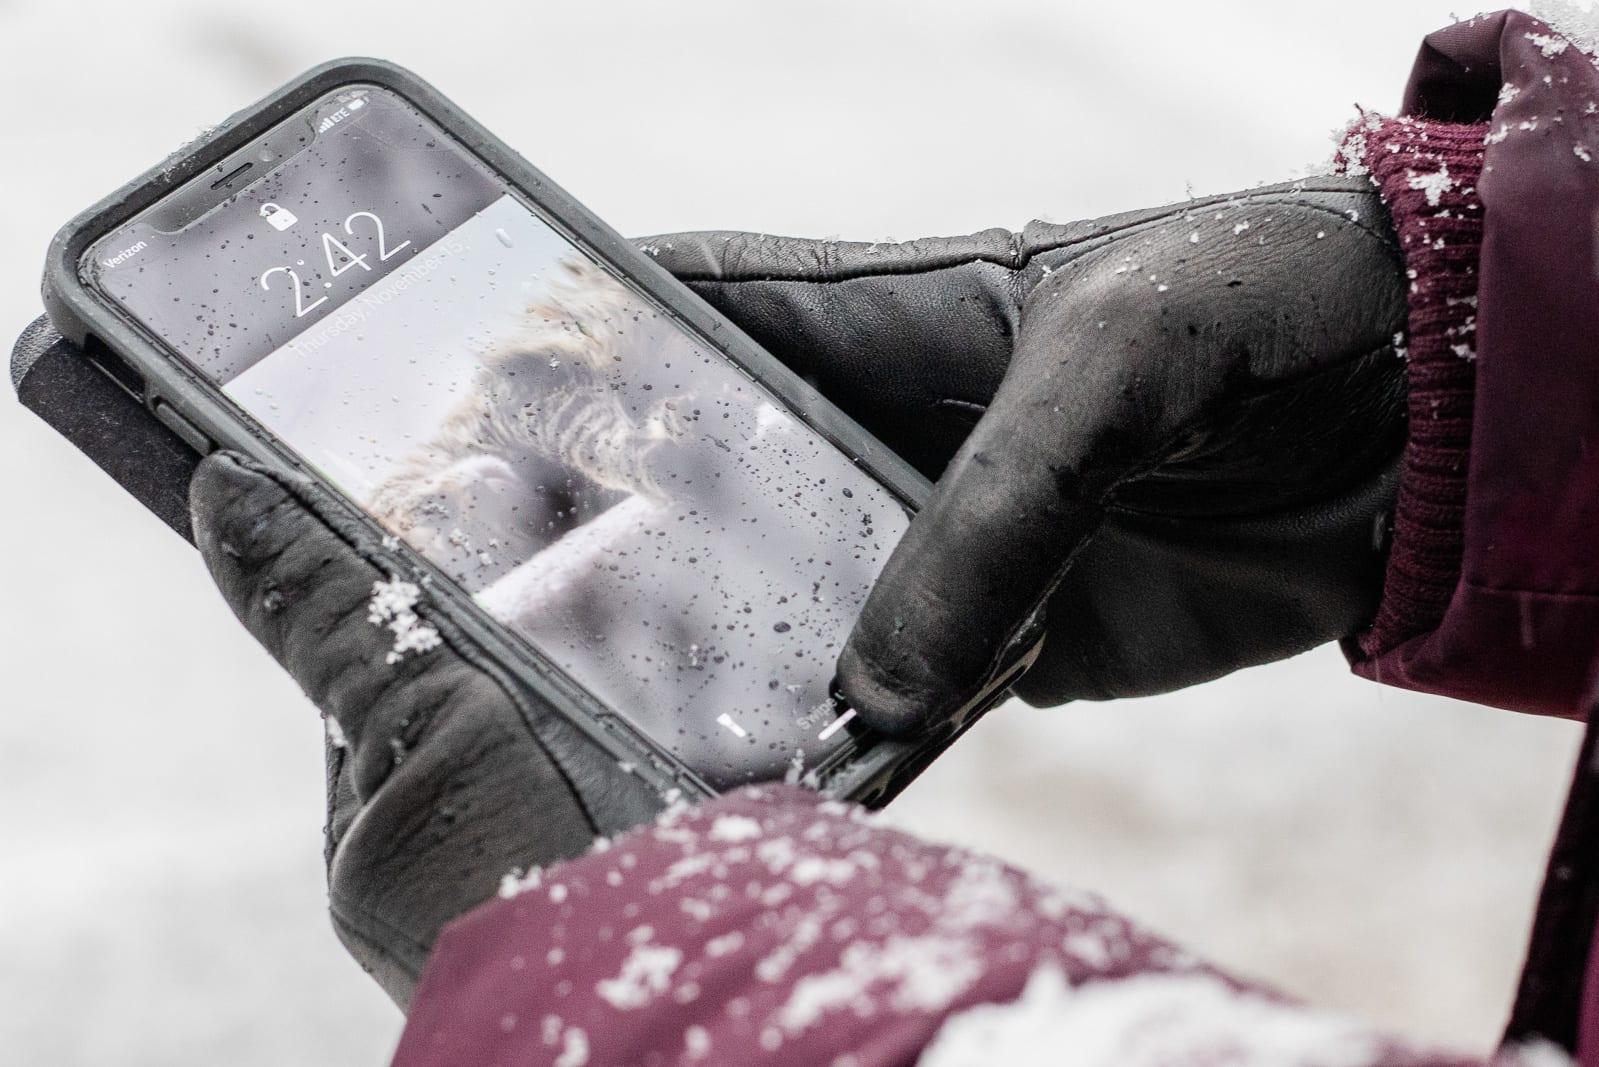 Touchscreen winter gloves